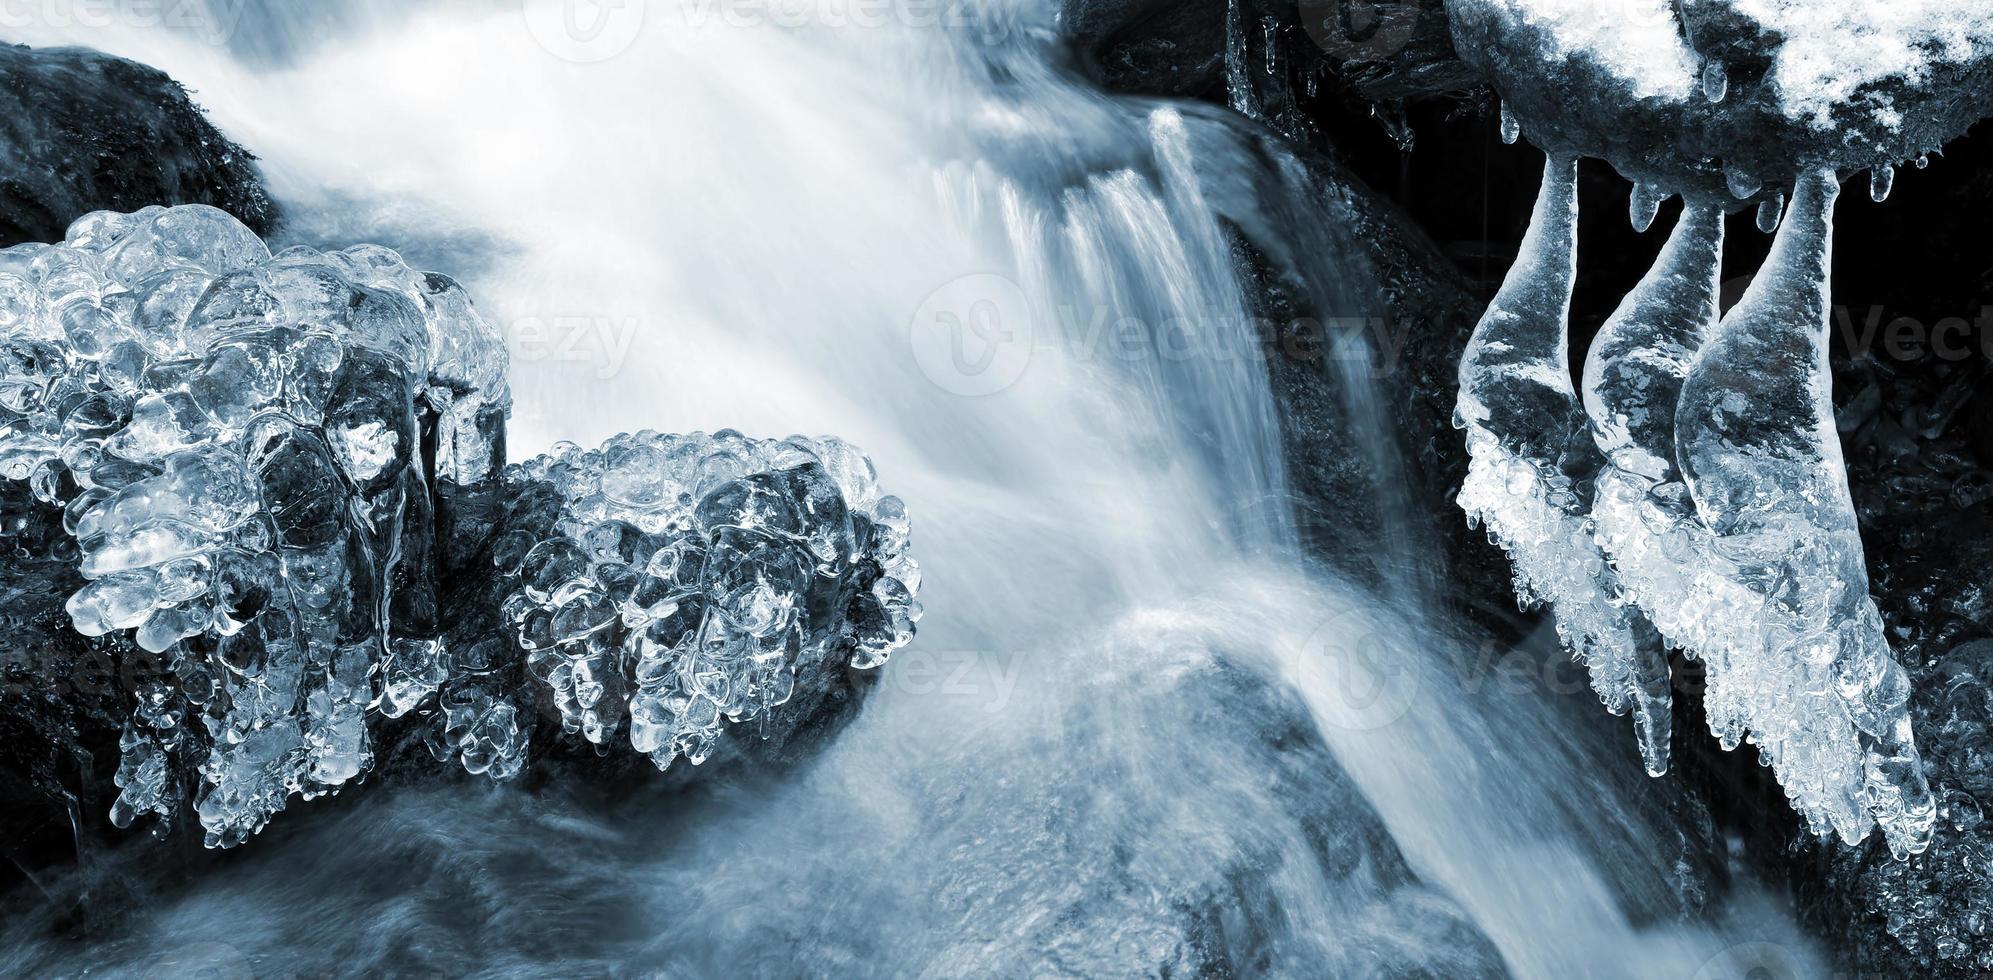 arroyo de invierno foto